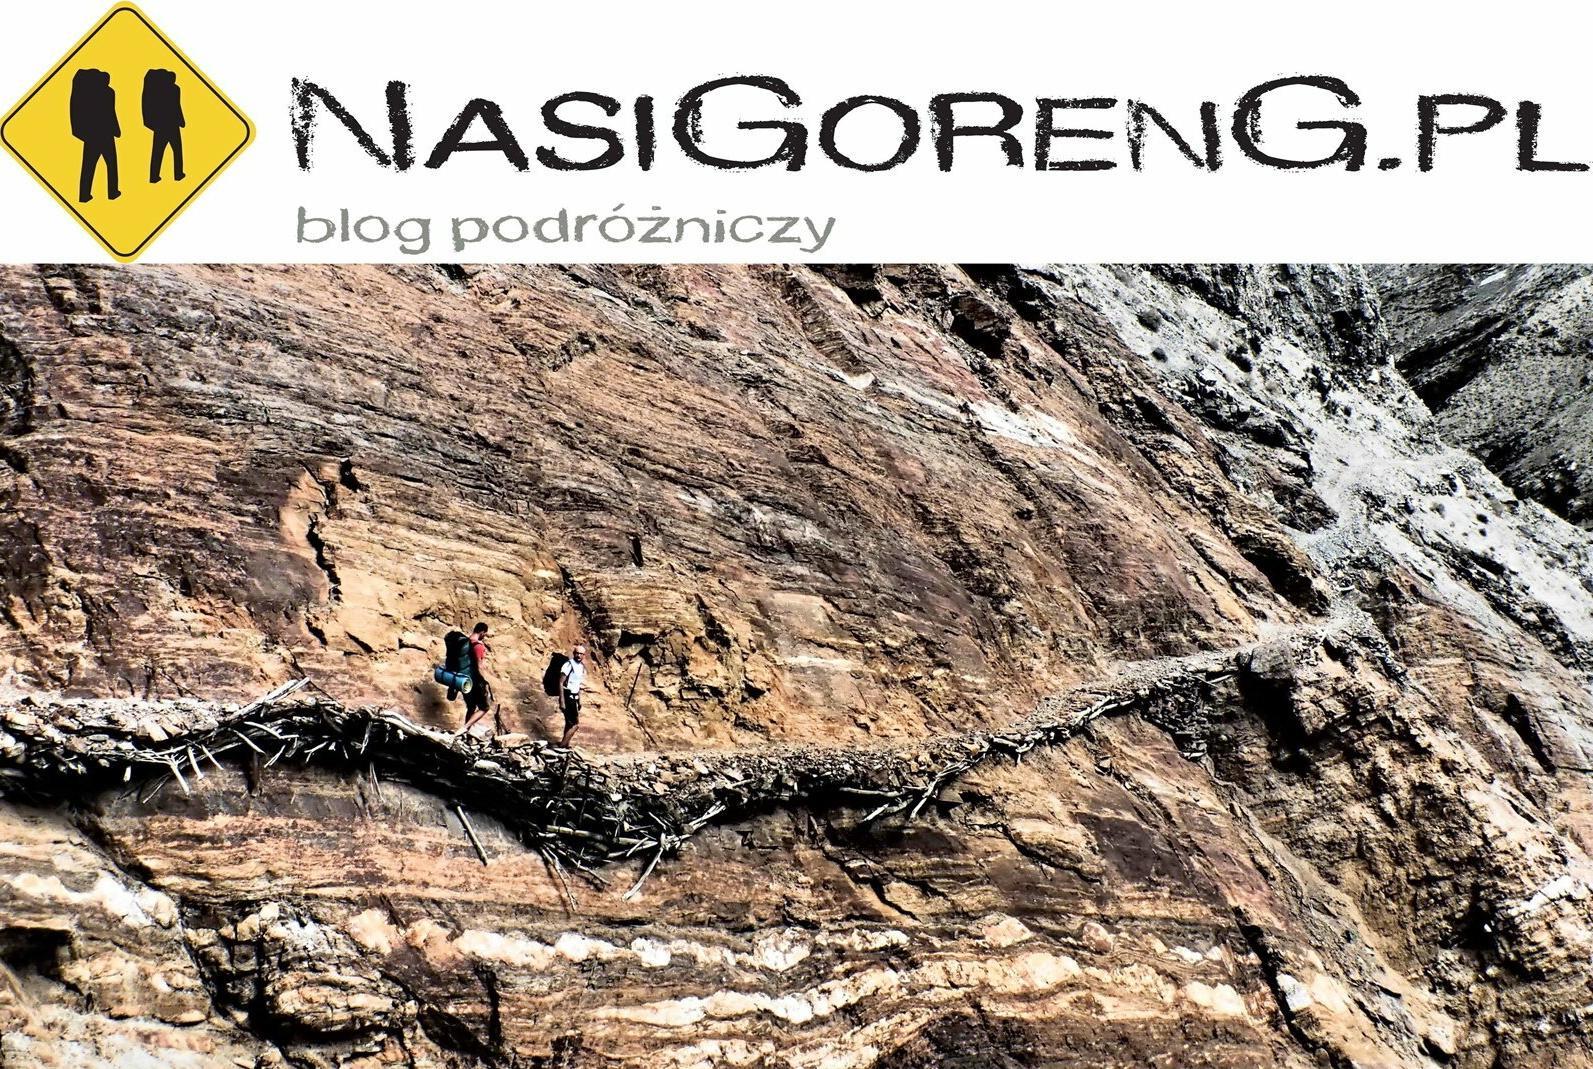 NasiGoreng.pl Blog z podróży prawie dookoła świata